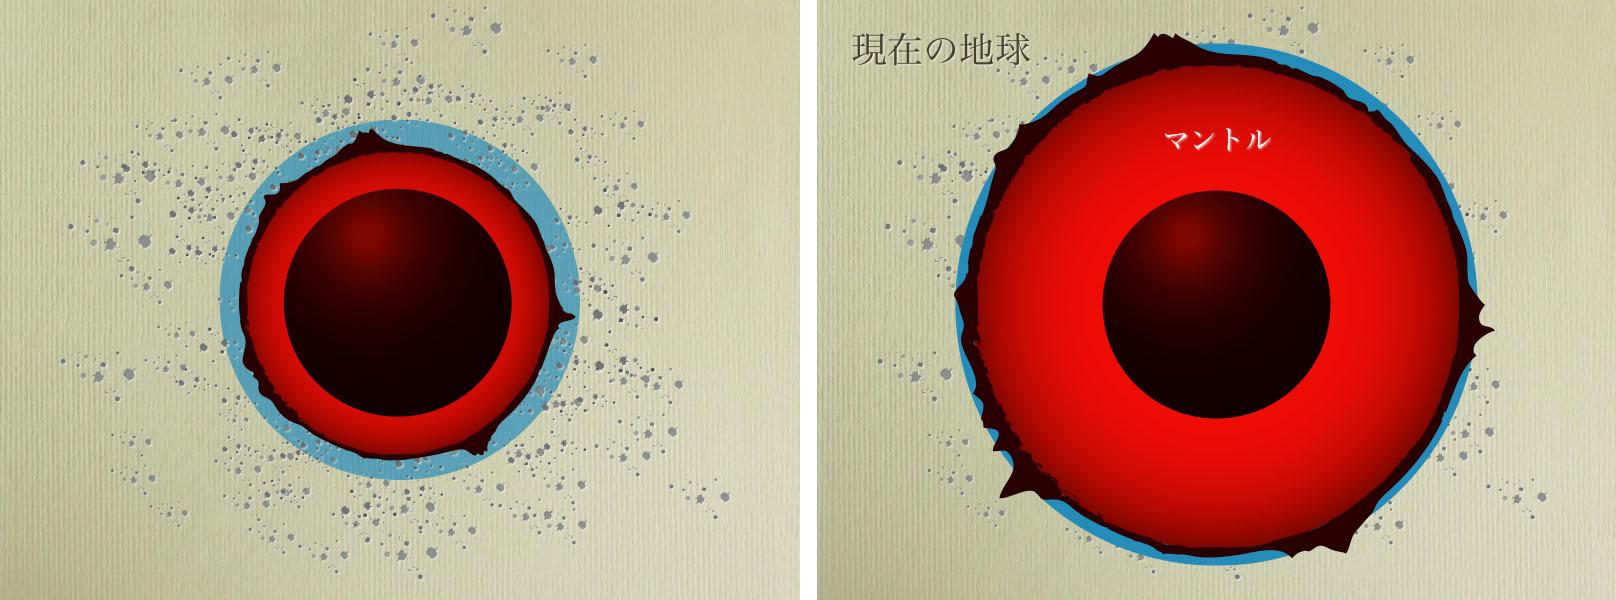 太陽フレア連続爆発と富士山噴火_b0221143_19075657.jpg